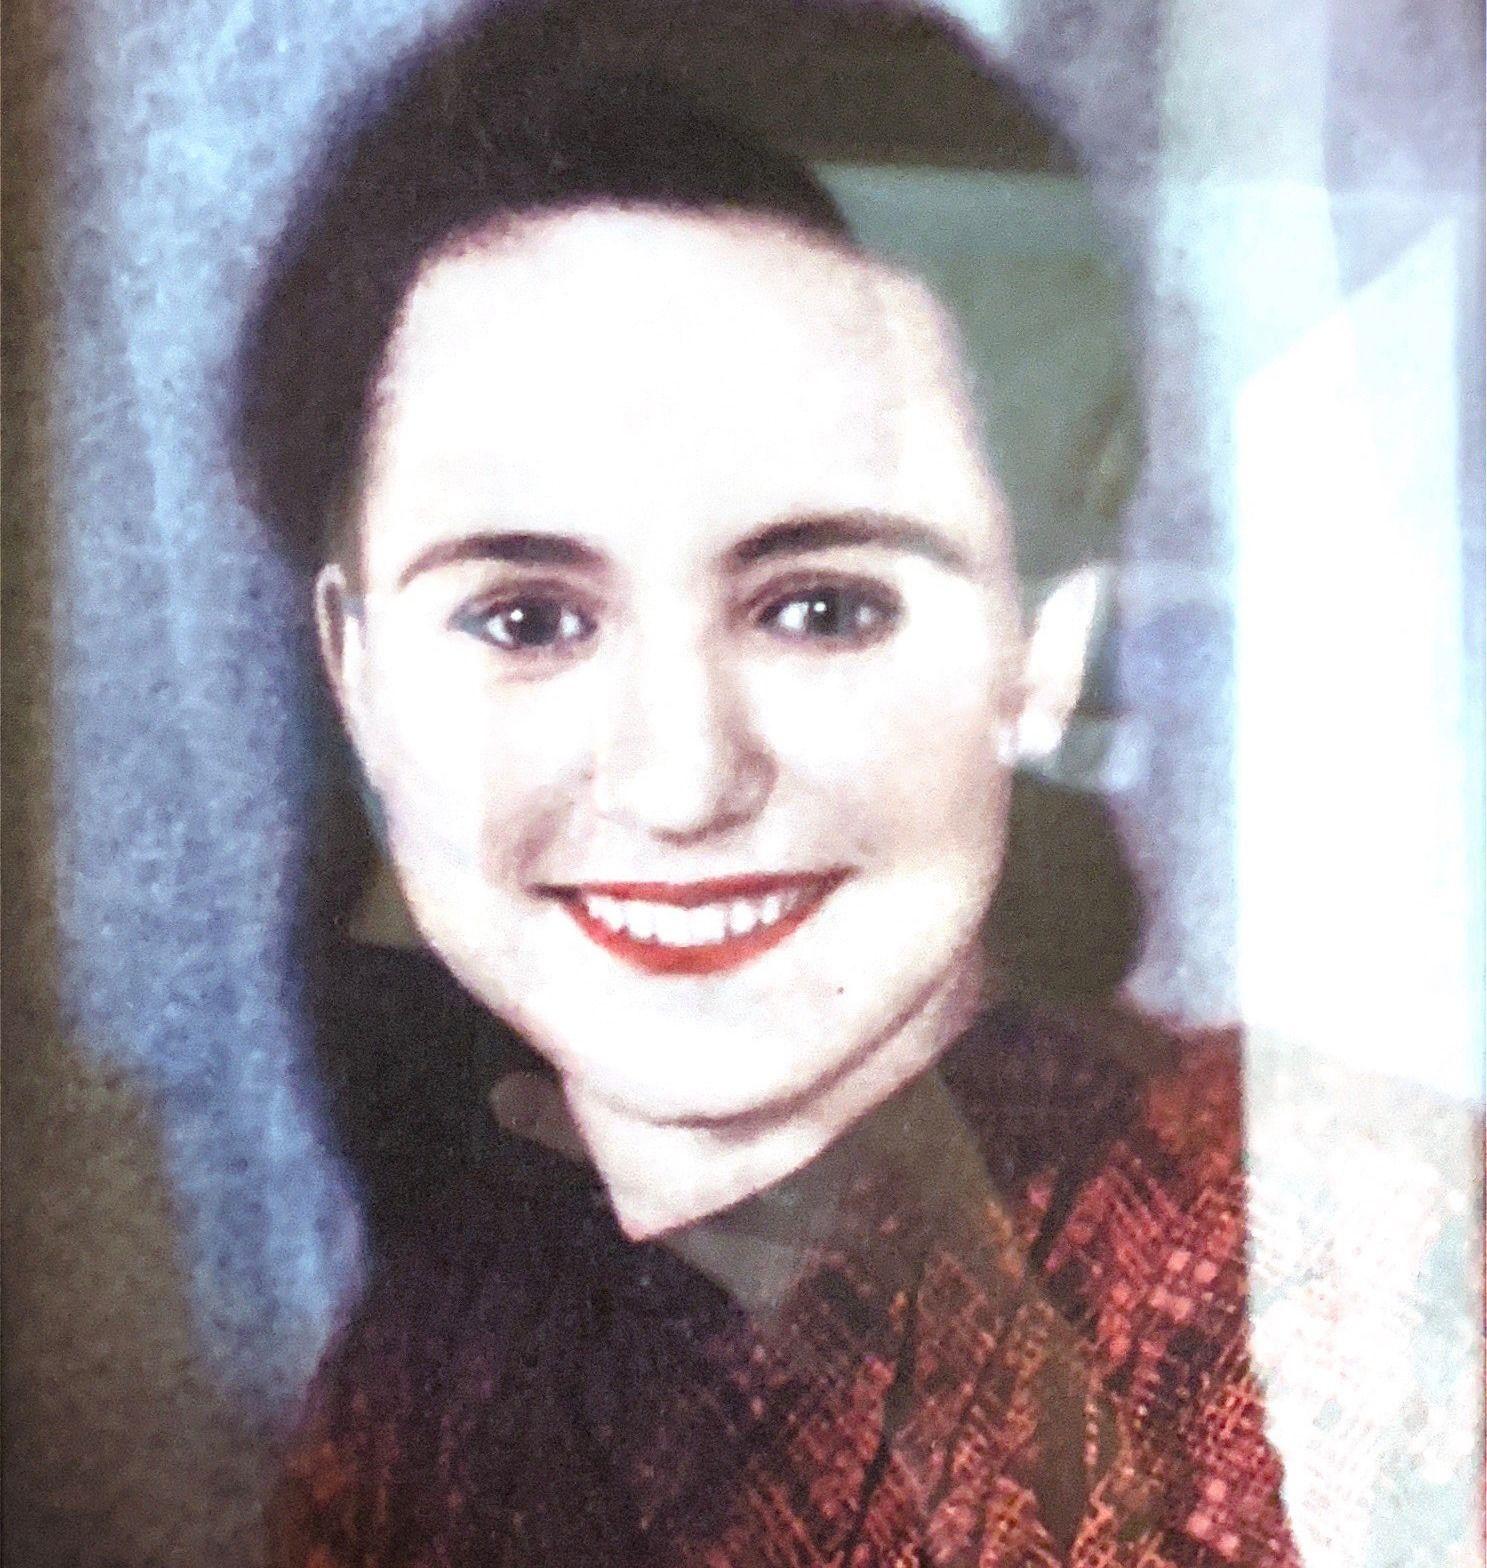 Александра Дарьина, 1955 год. Фото из личного архива